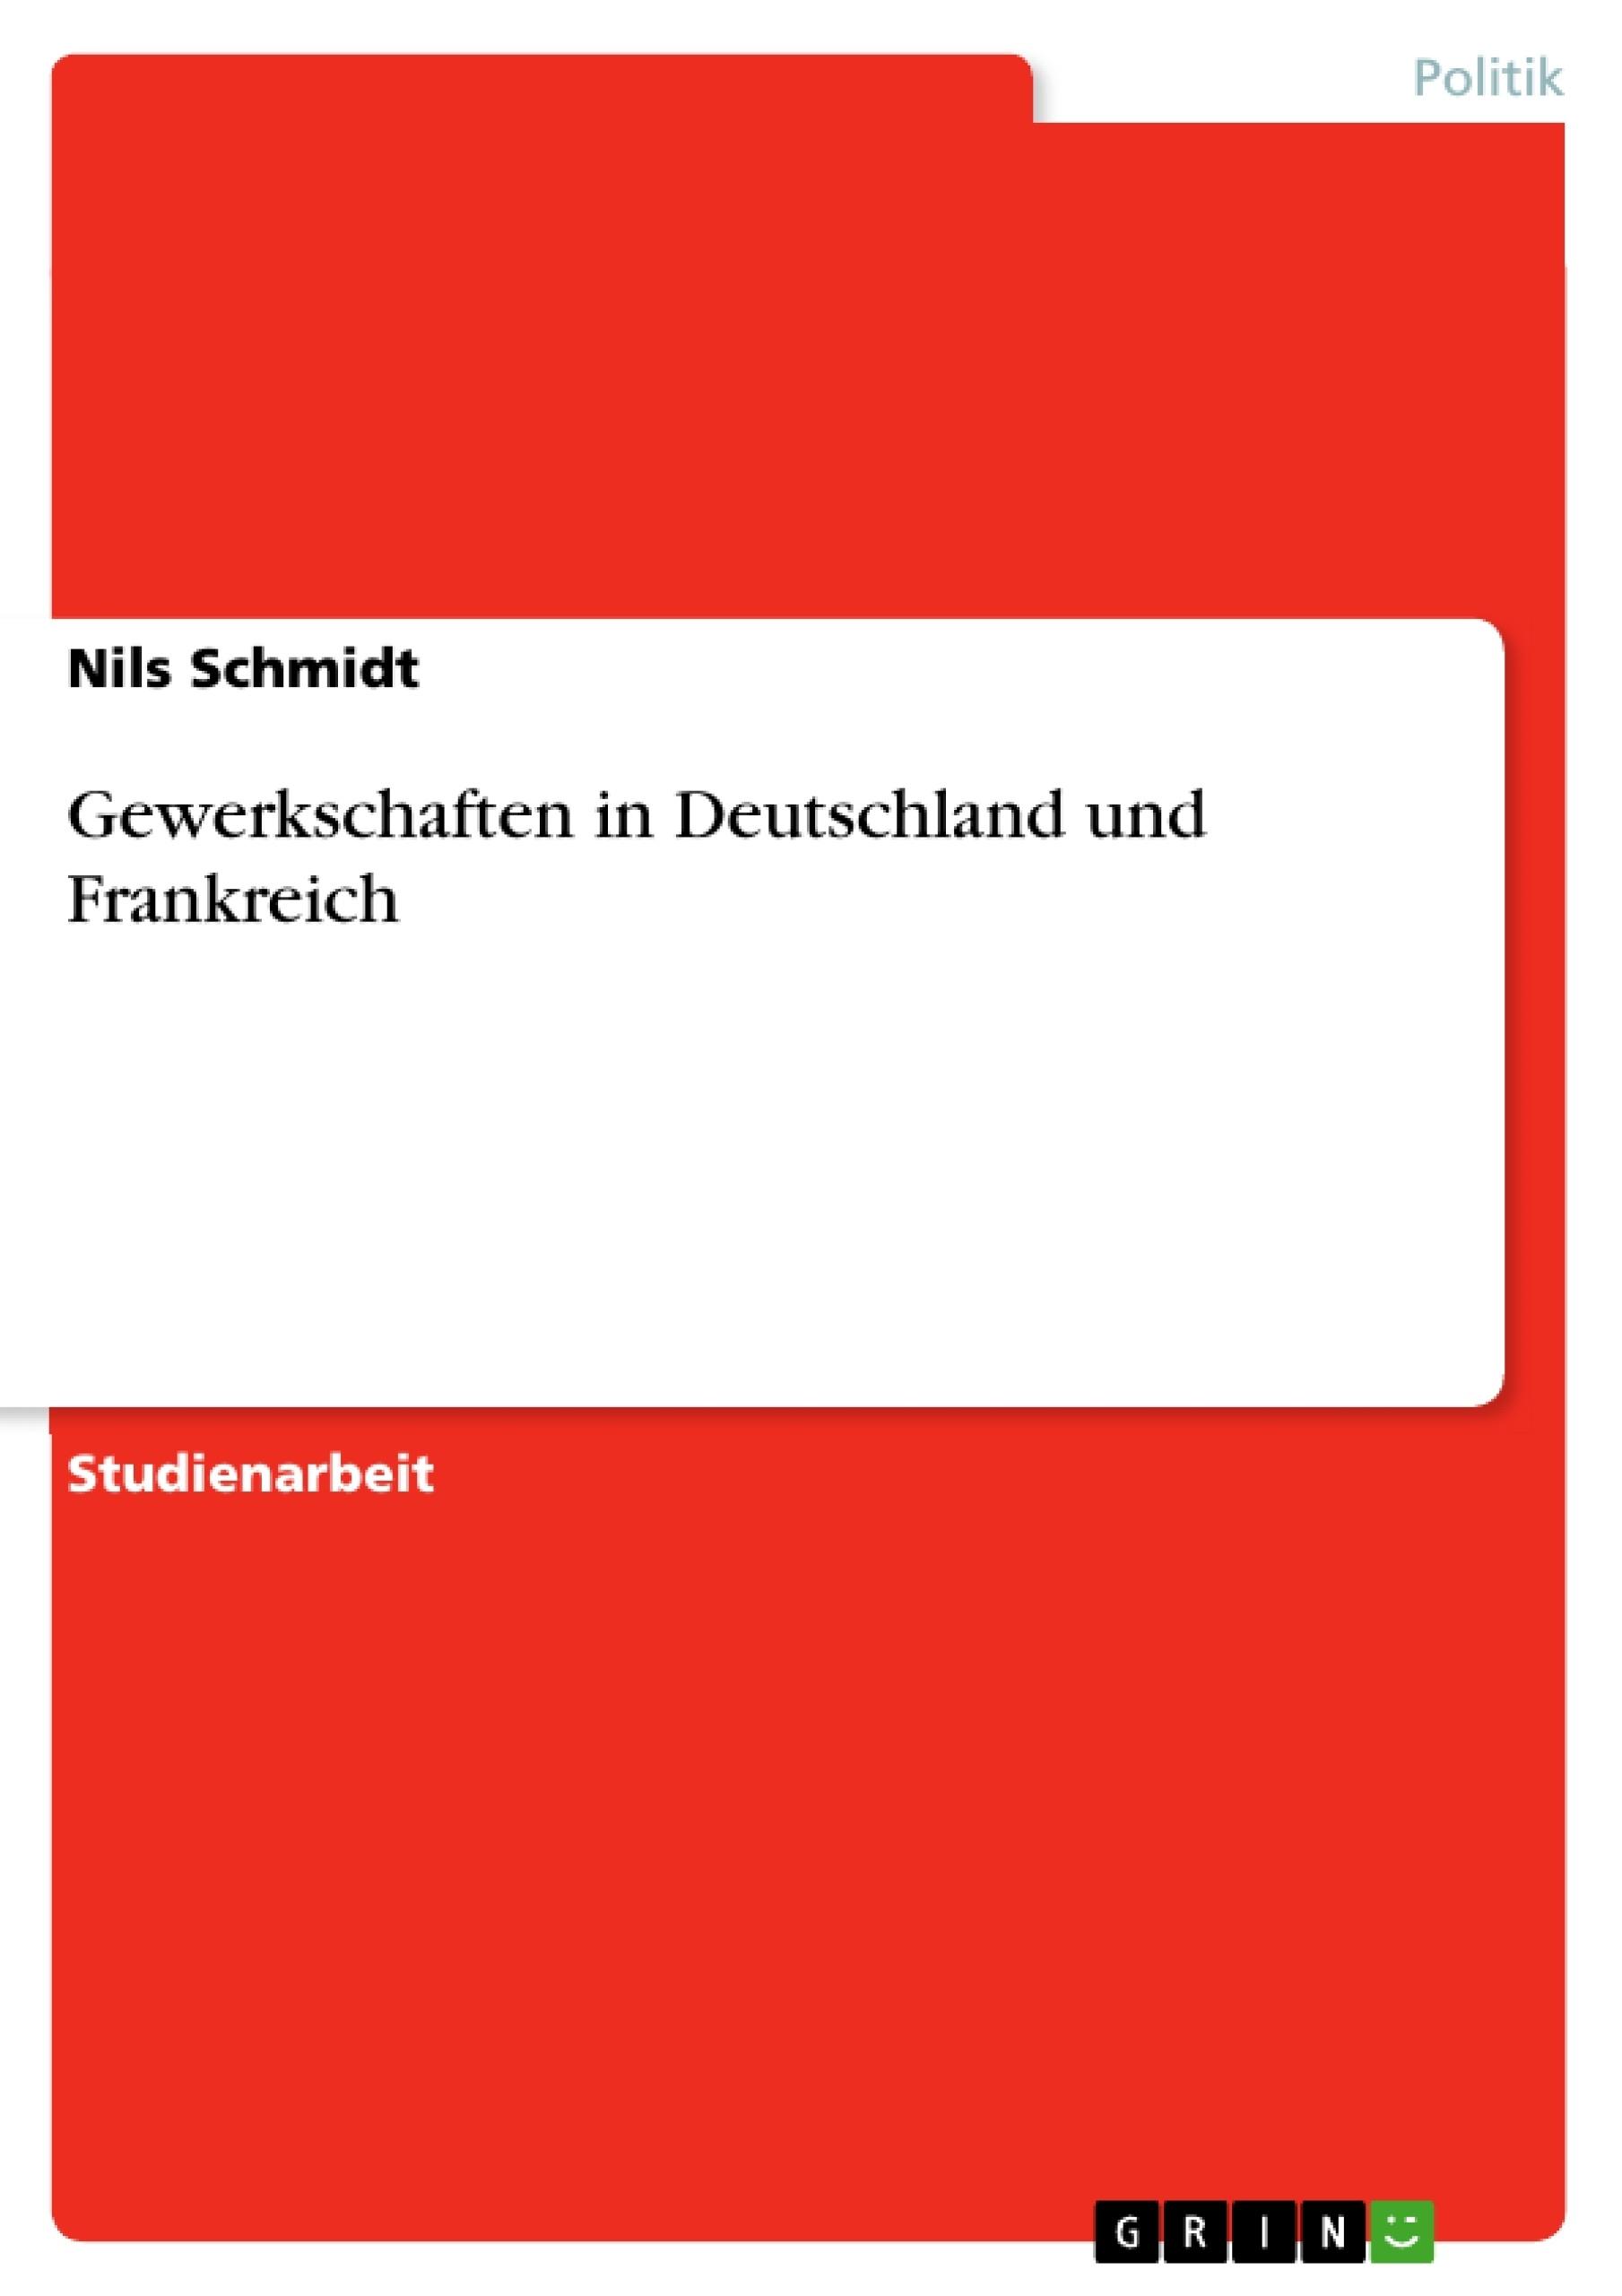 Titel: Gewerkschaften in Deutschland und Frankreich